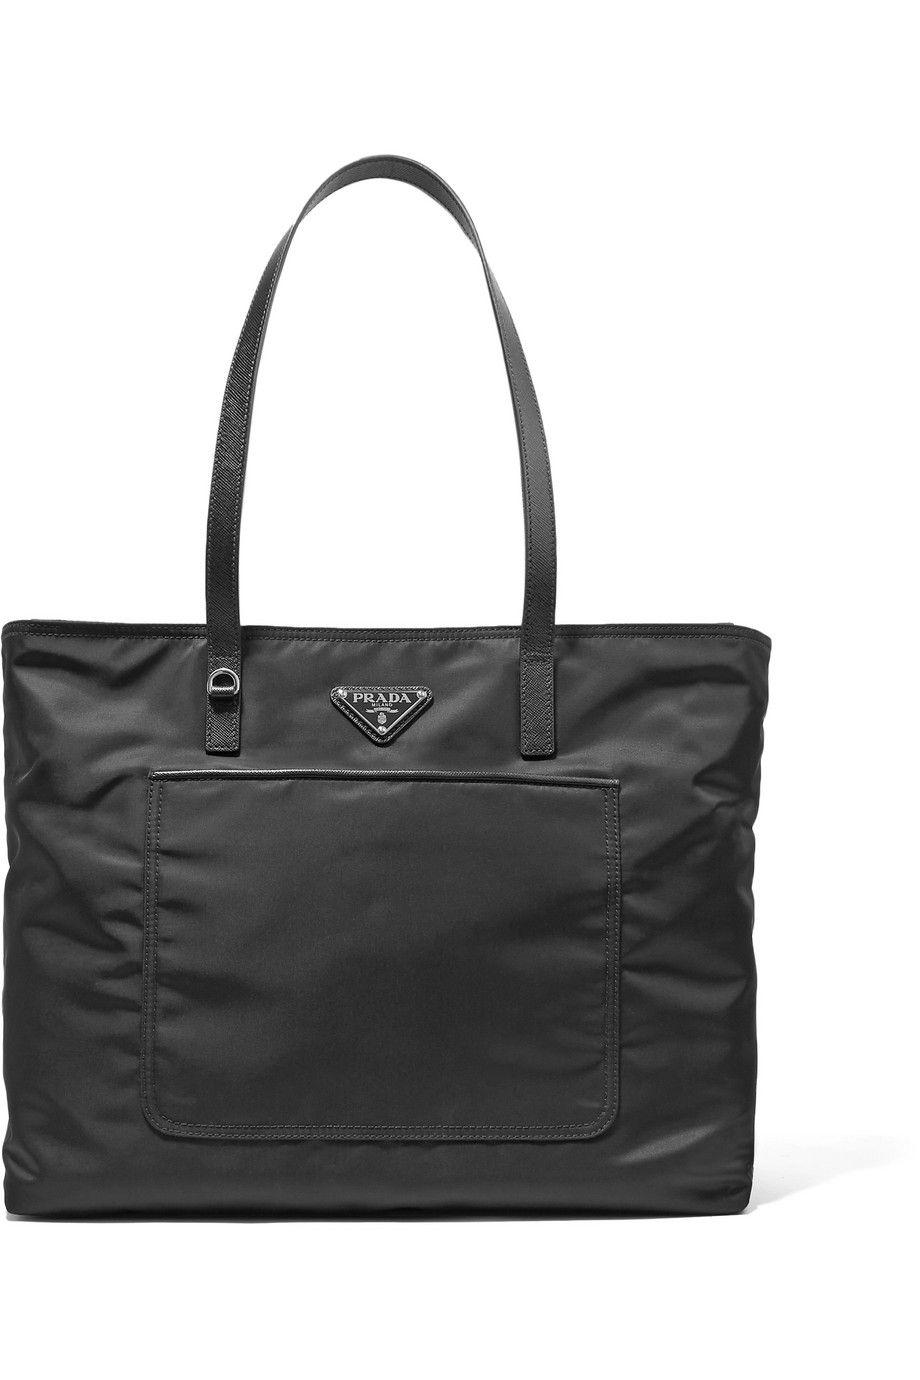 #PopbelaOOTD: Praktis dengan Tote Bag